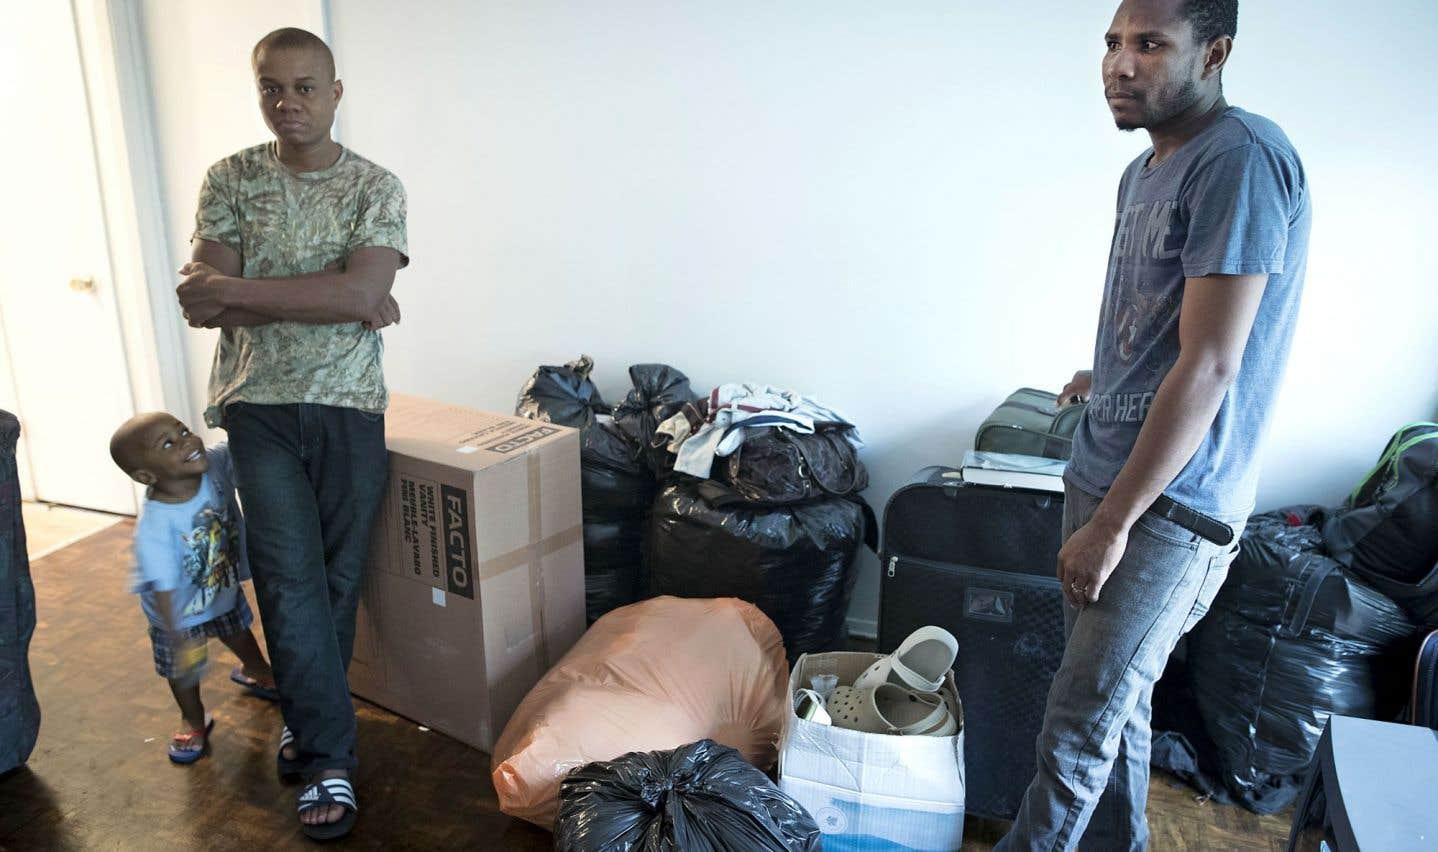 Des familles de demandeurs d'asile ont traversé les Amériques à pied pour gagner le Canada